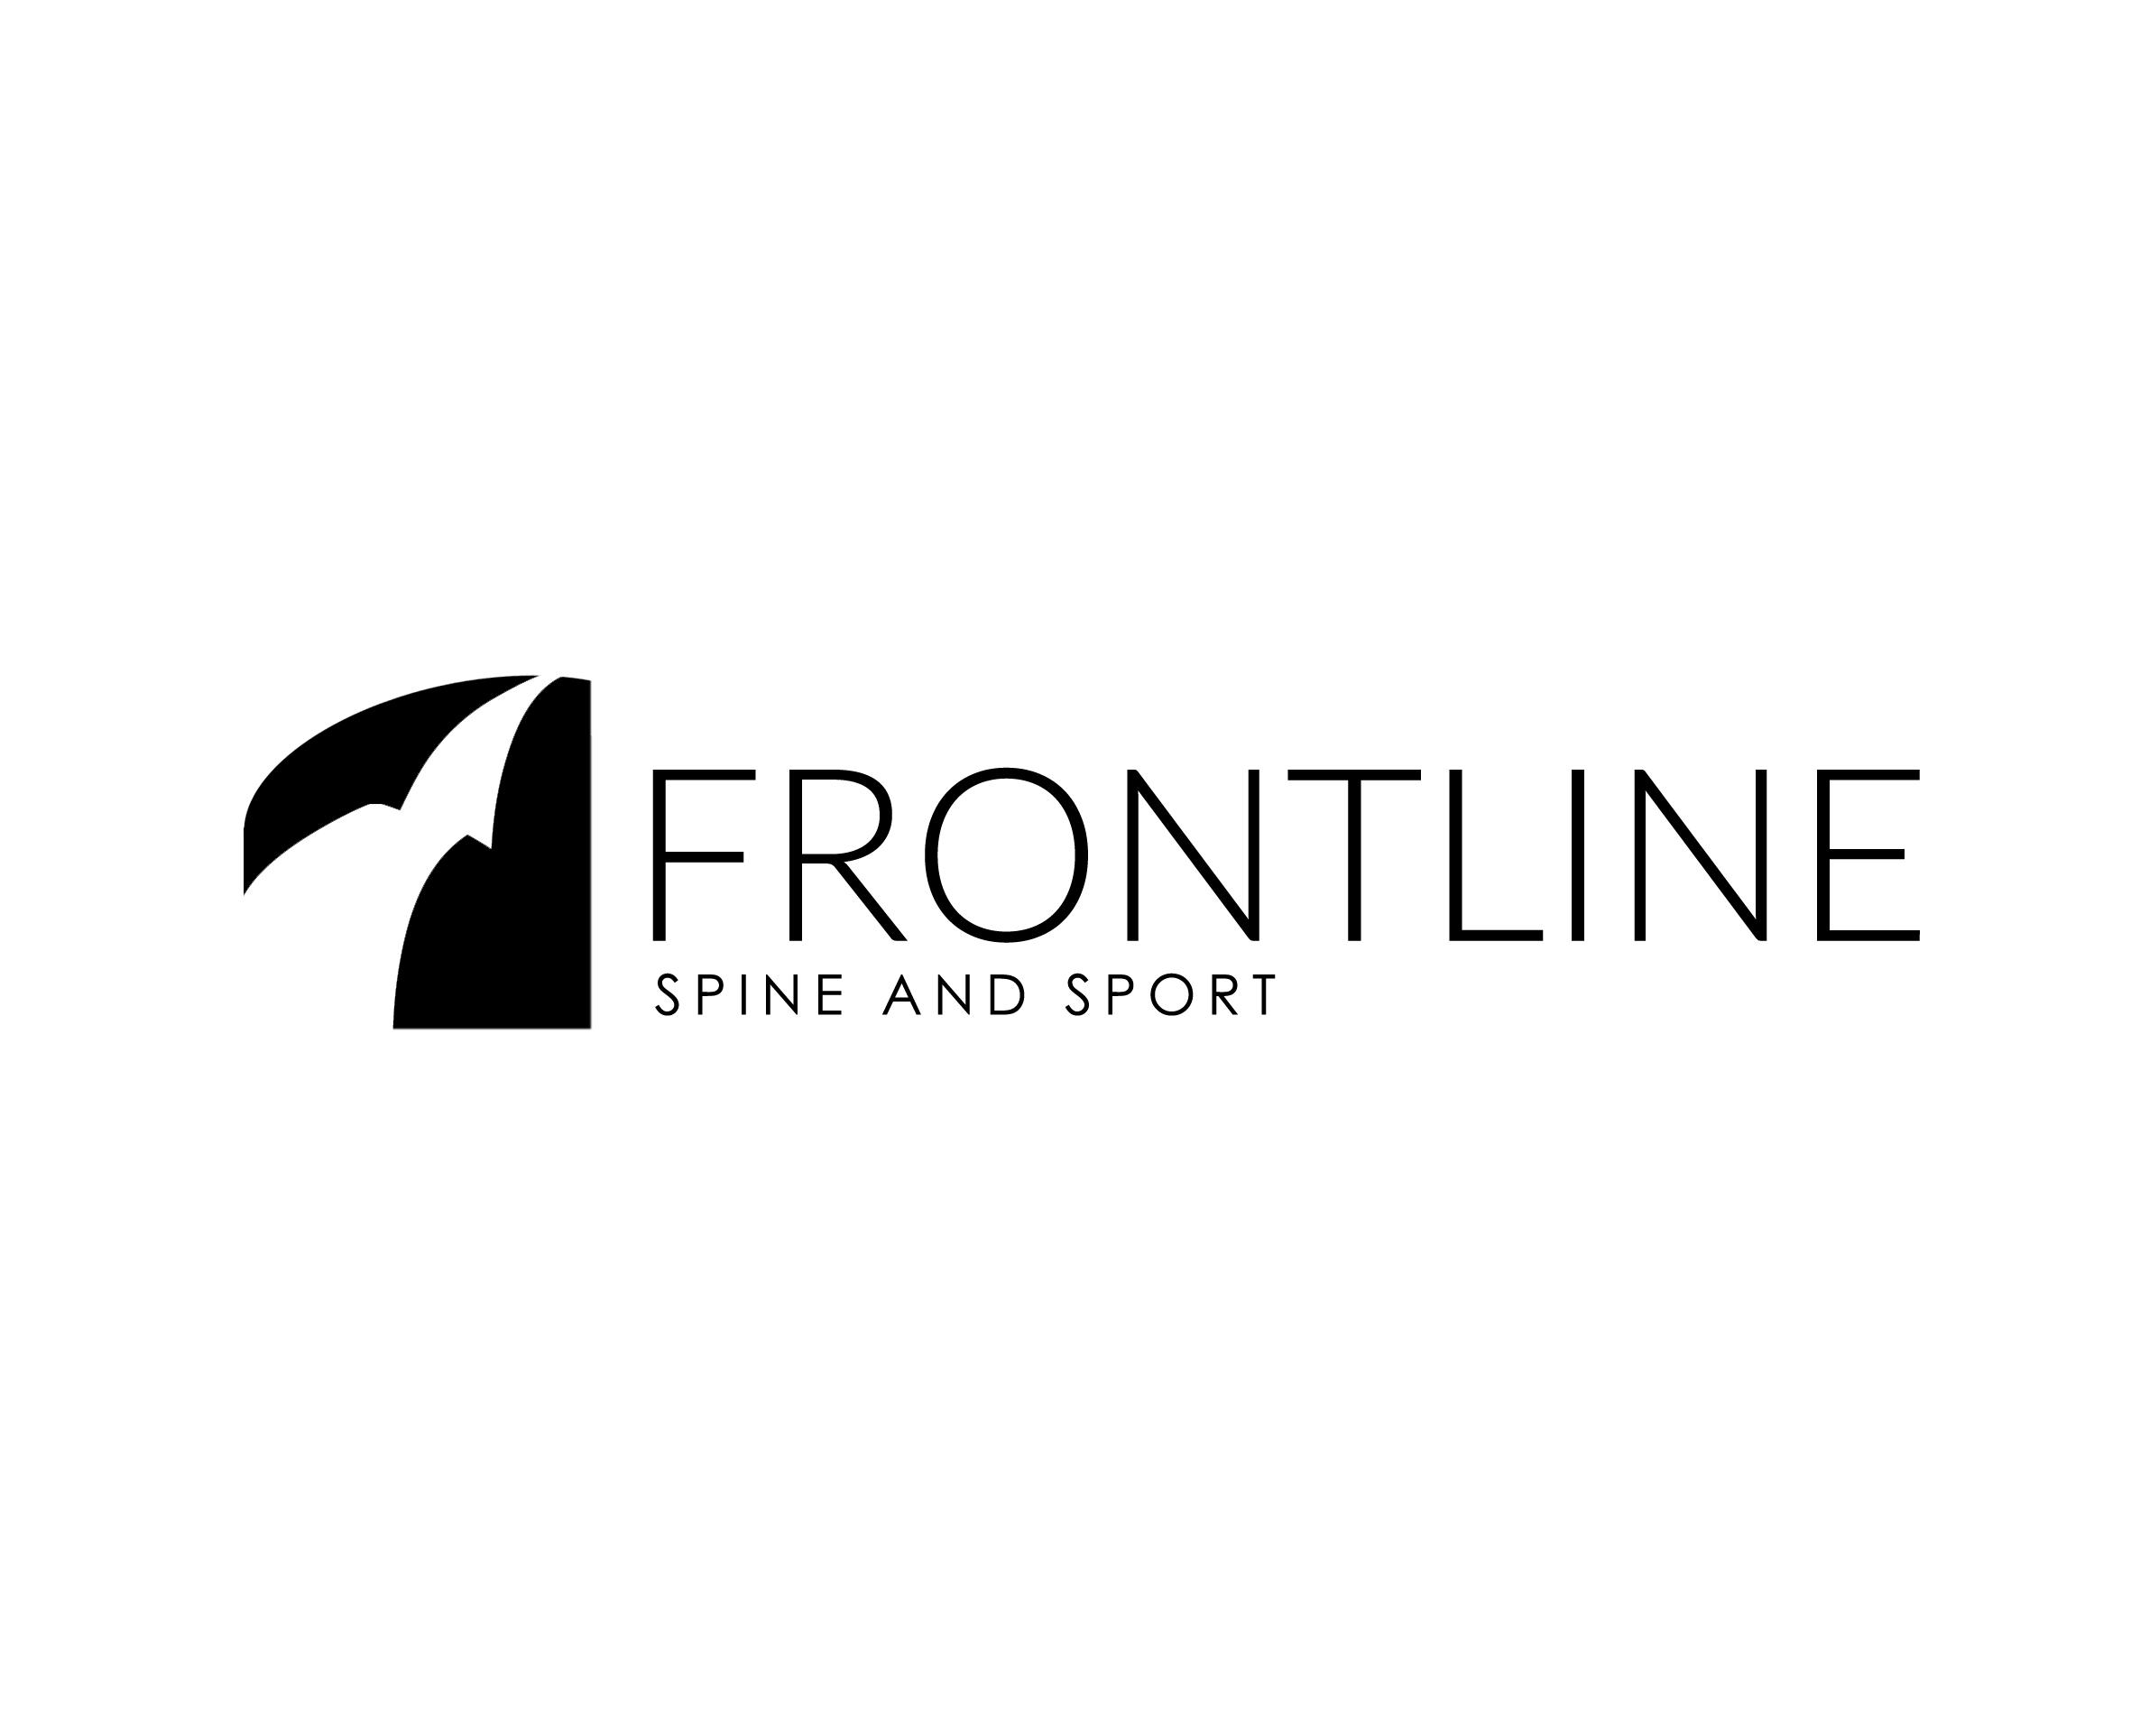 Frontline Spine Amp Sport Function Better